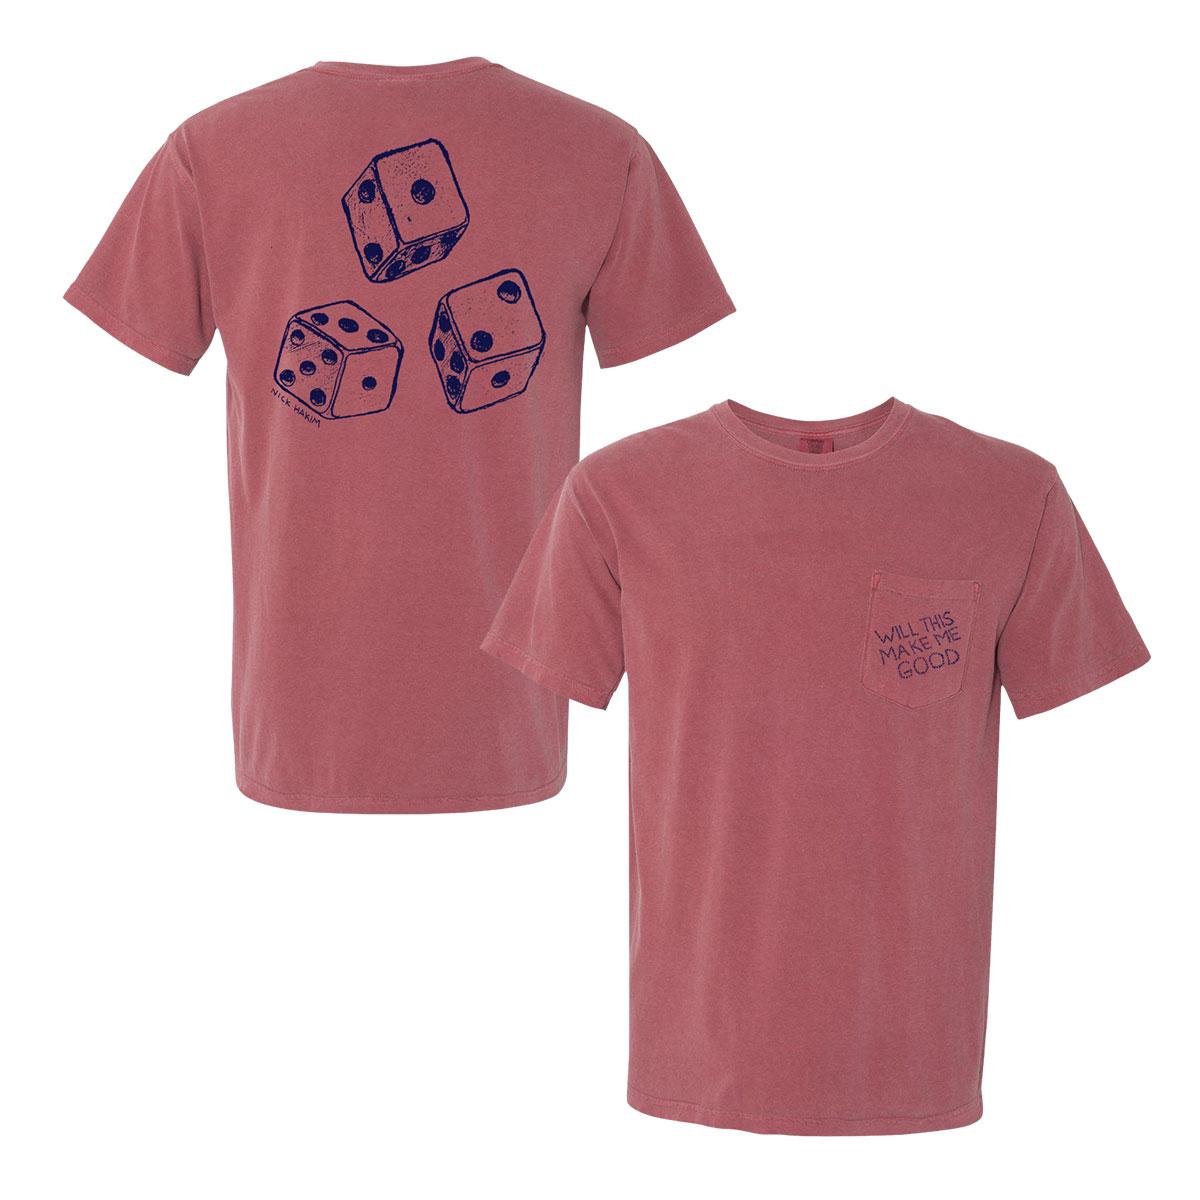 Nick Hakim - WILL THIS MAKE ME GOOD T-Shirt